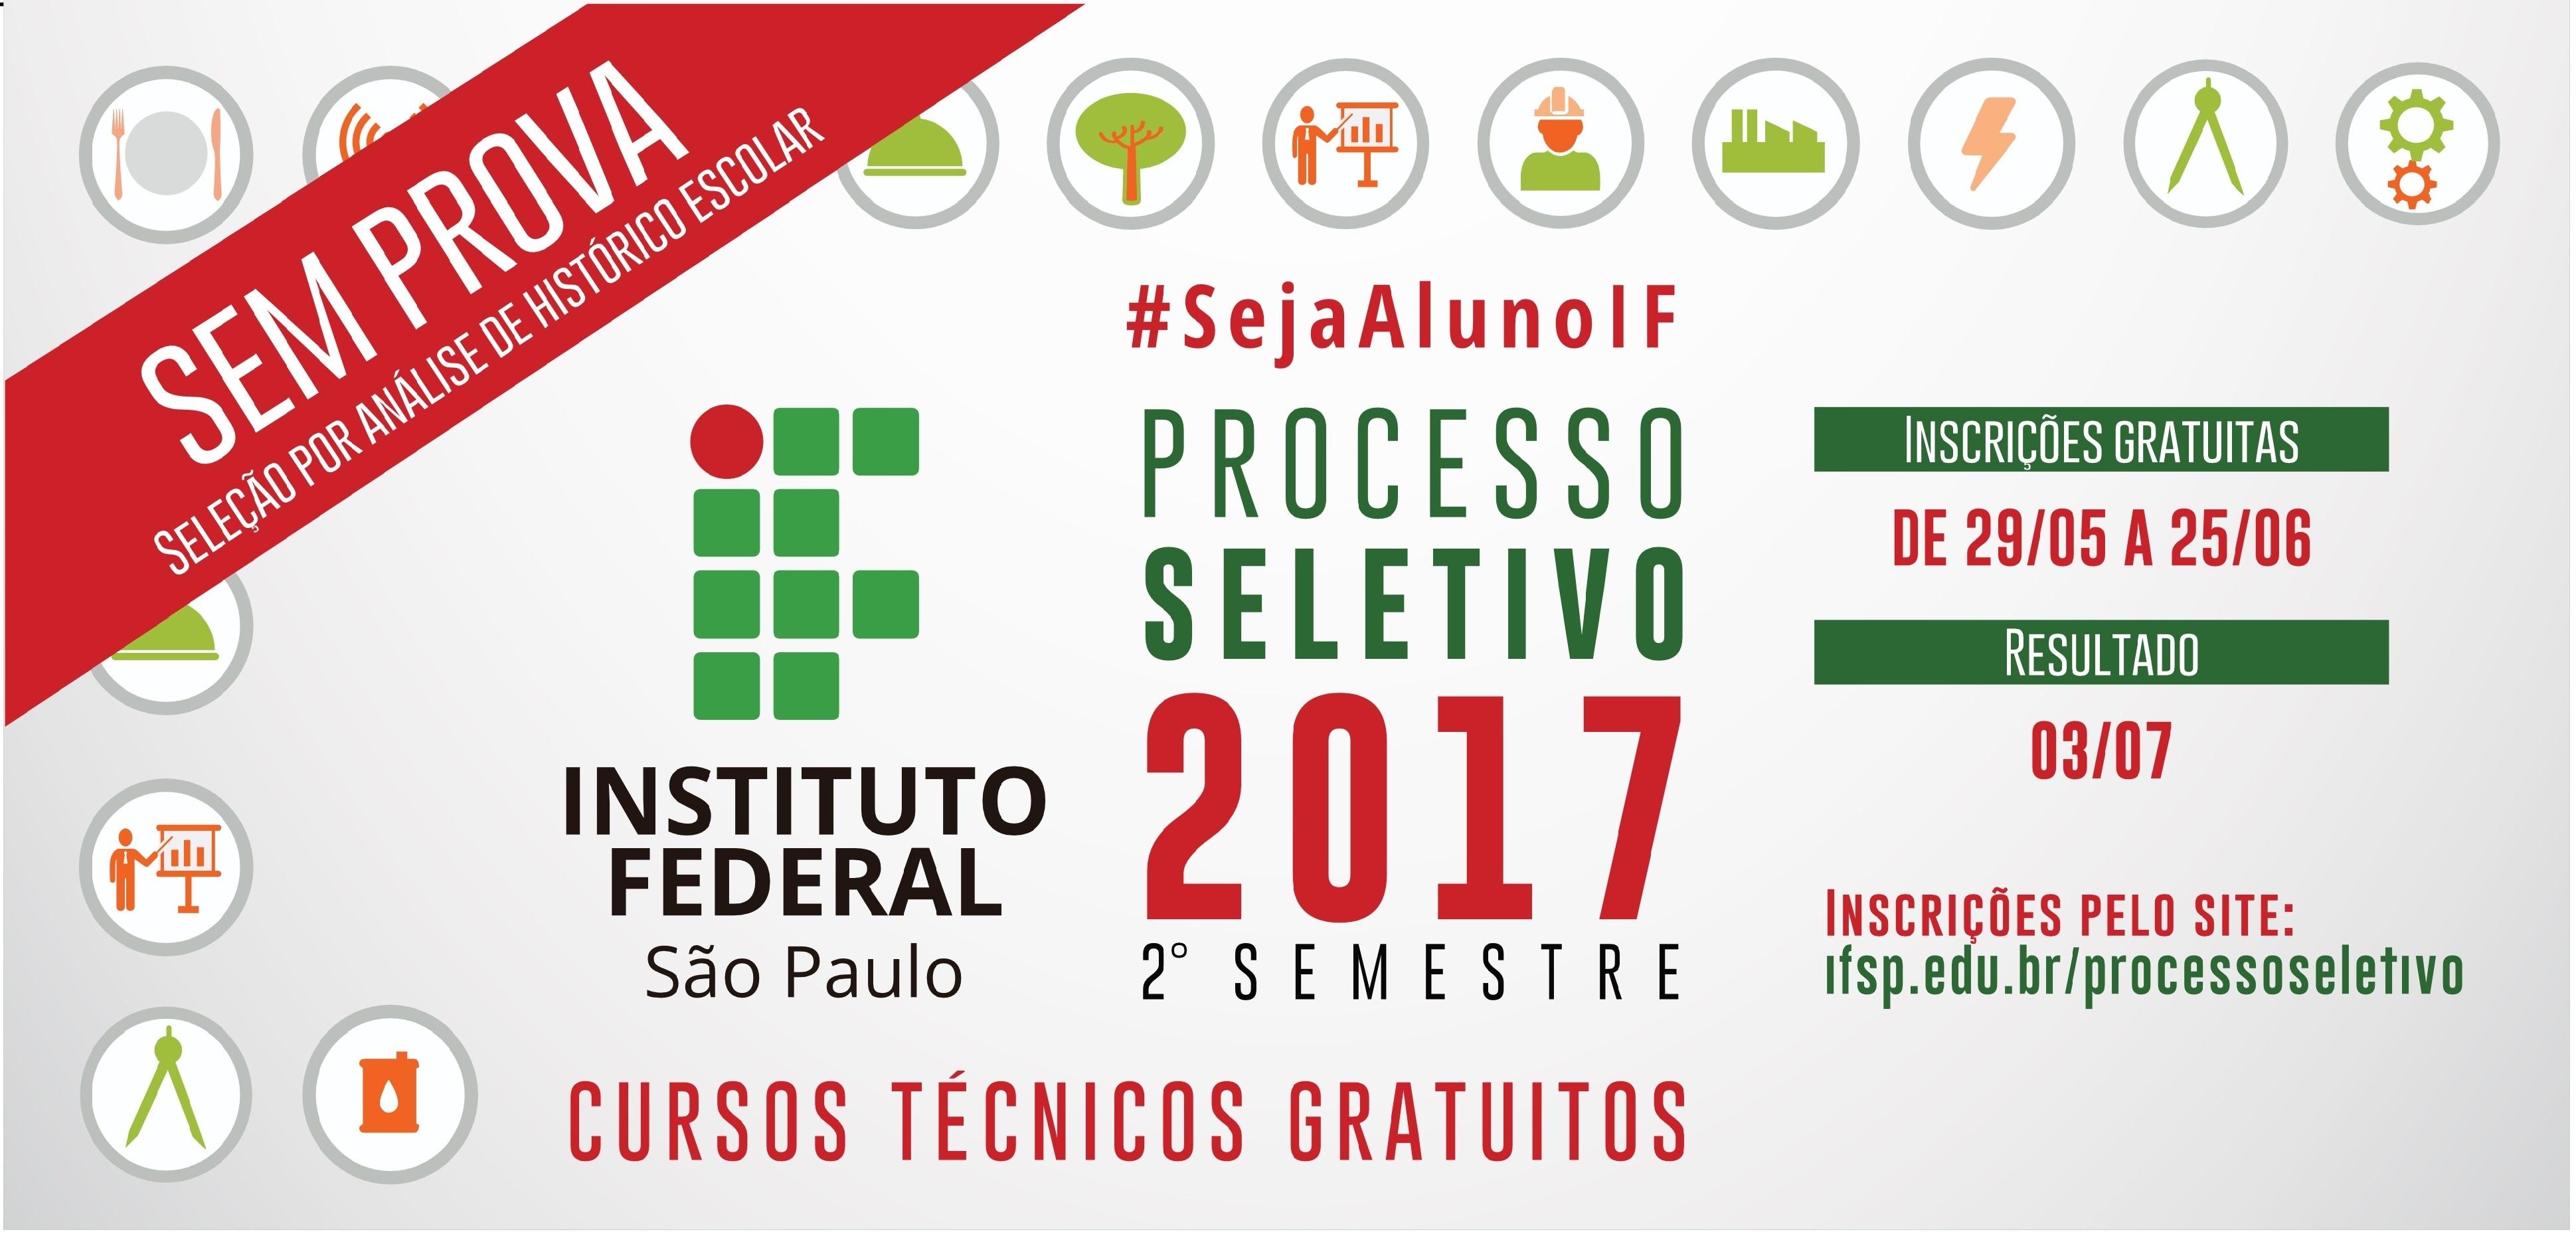 PROCESSO SELETIVO 2017 - 2º SEMESTRE